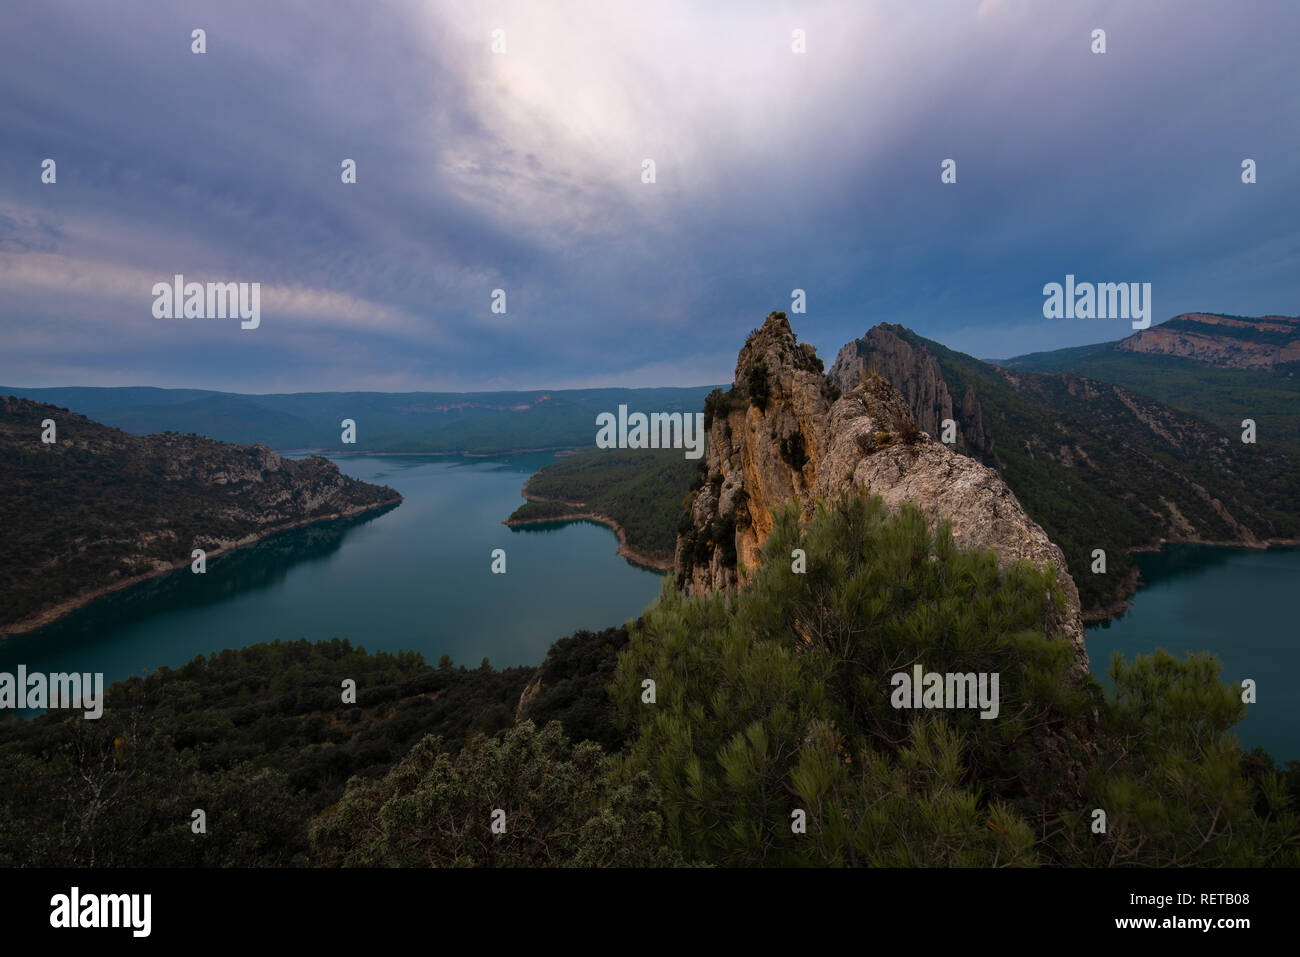 Canelles reservoir from the chapel of Mare de Deu de la Pertusa, border between Catalonia and Aragon, Spain - Stock Image